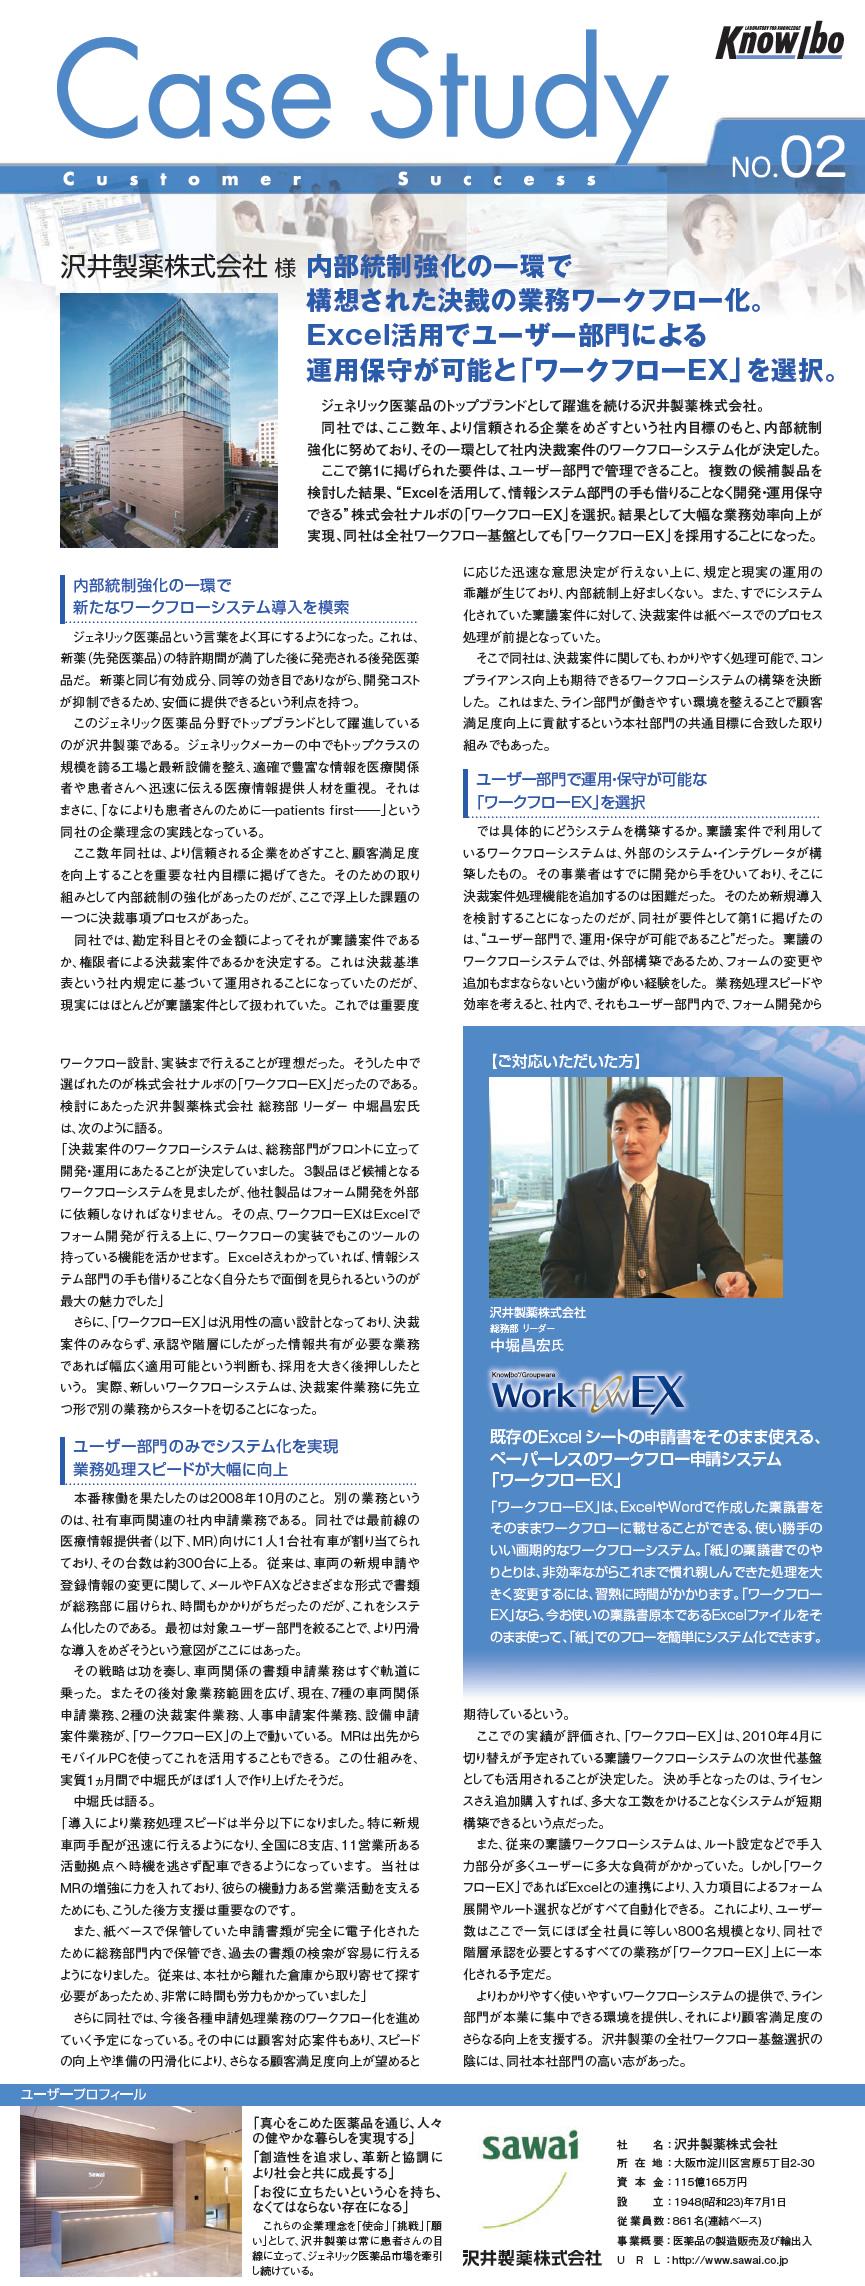 ワークフローEX導入事例リーフレット「沢井製薬株式会社」様